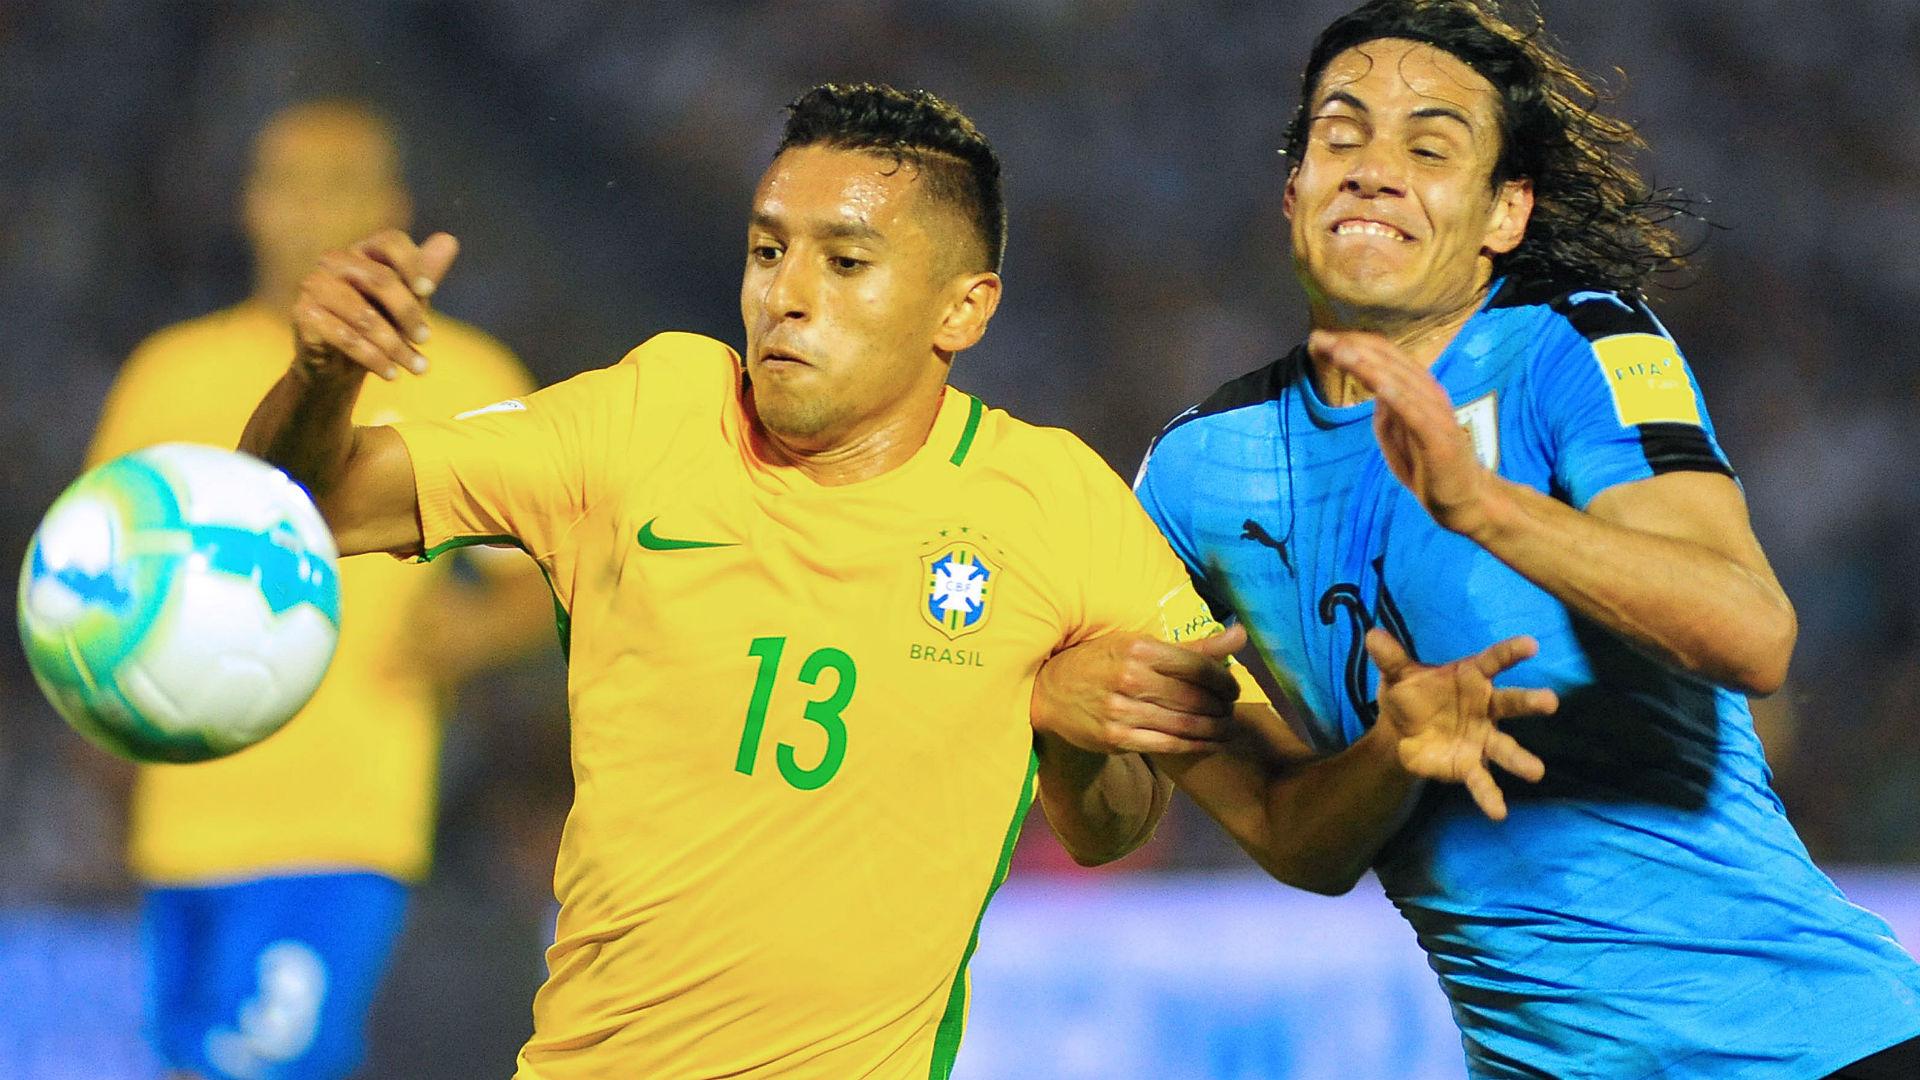 Marquinhos Edinson Cavani Uruguay vs. Brazil